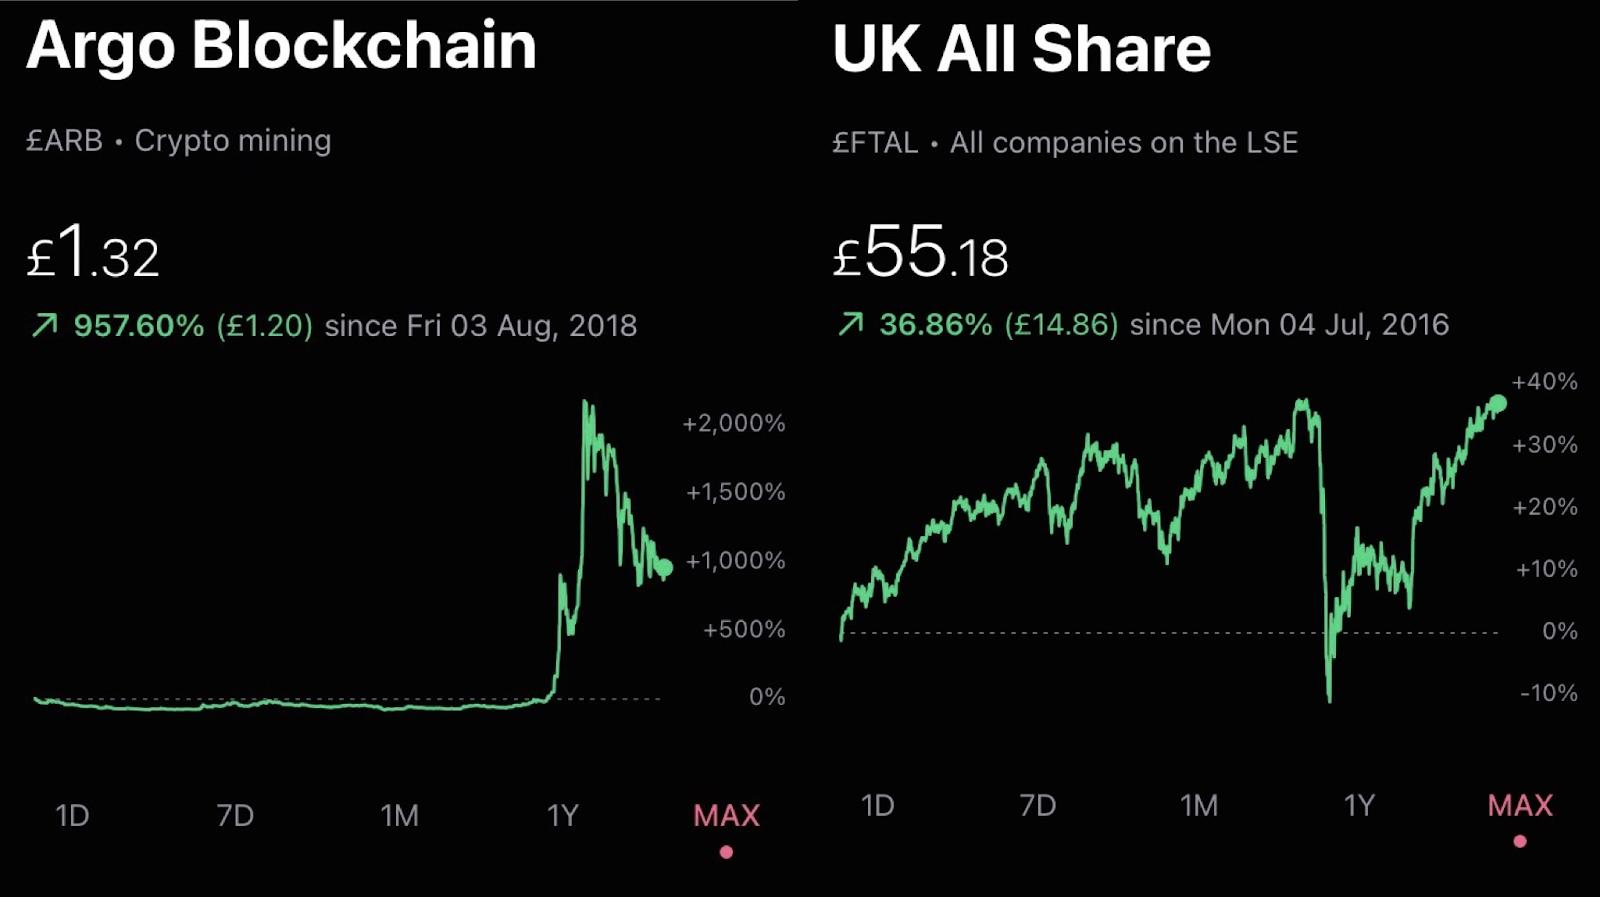 Argo Blockchain share price